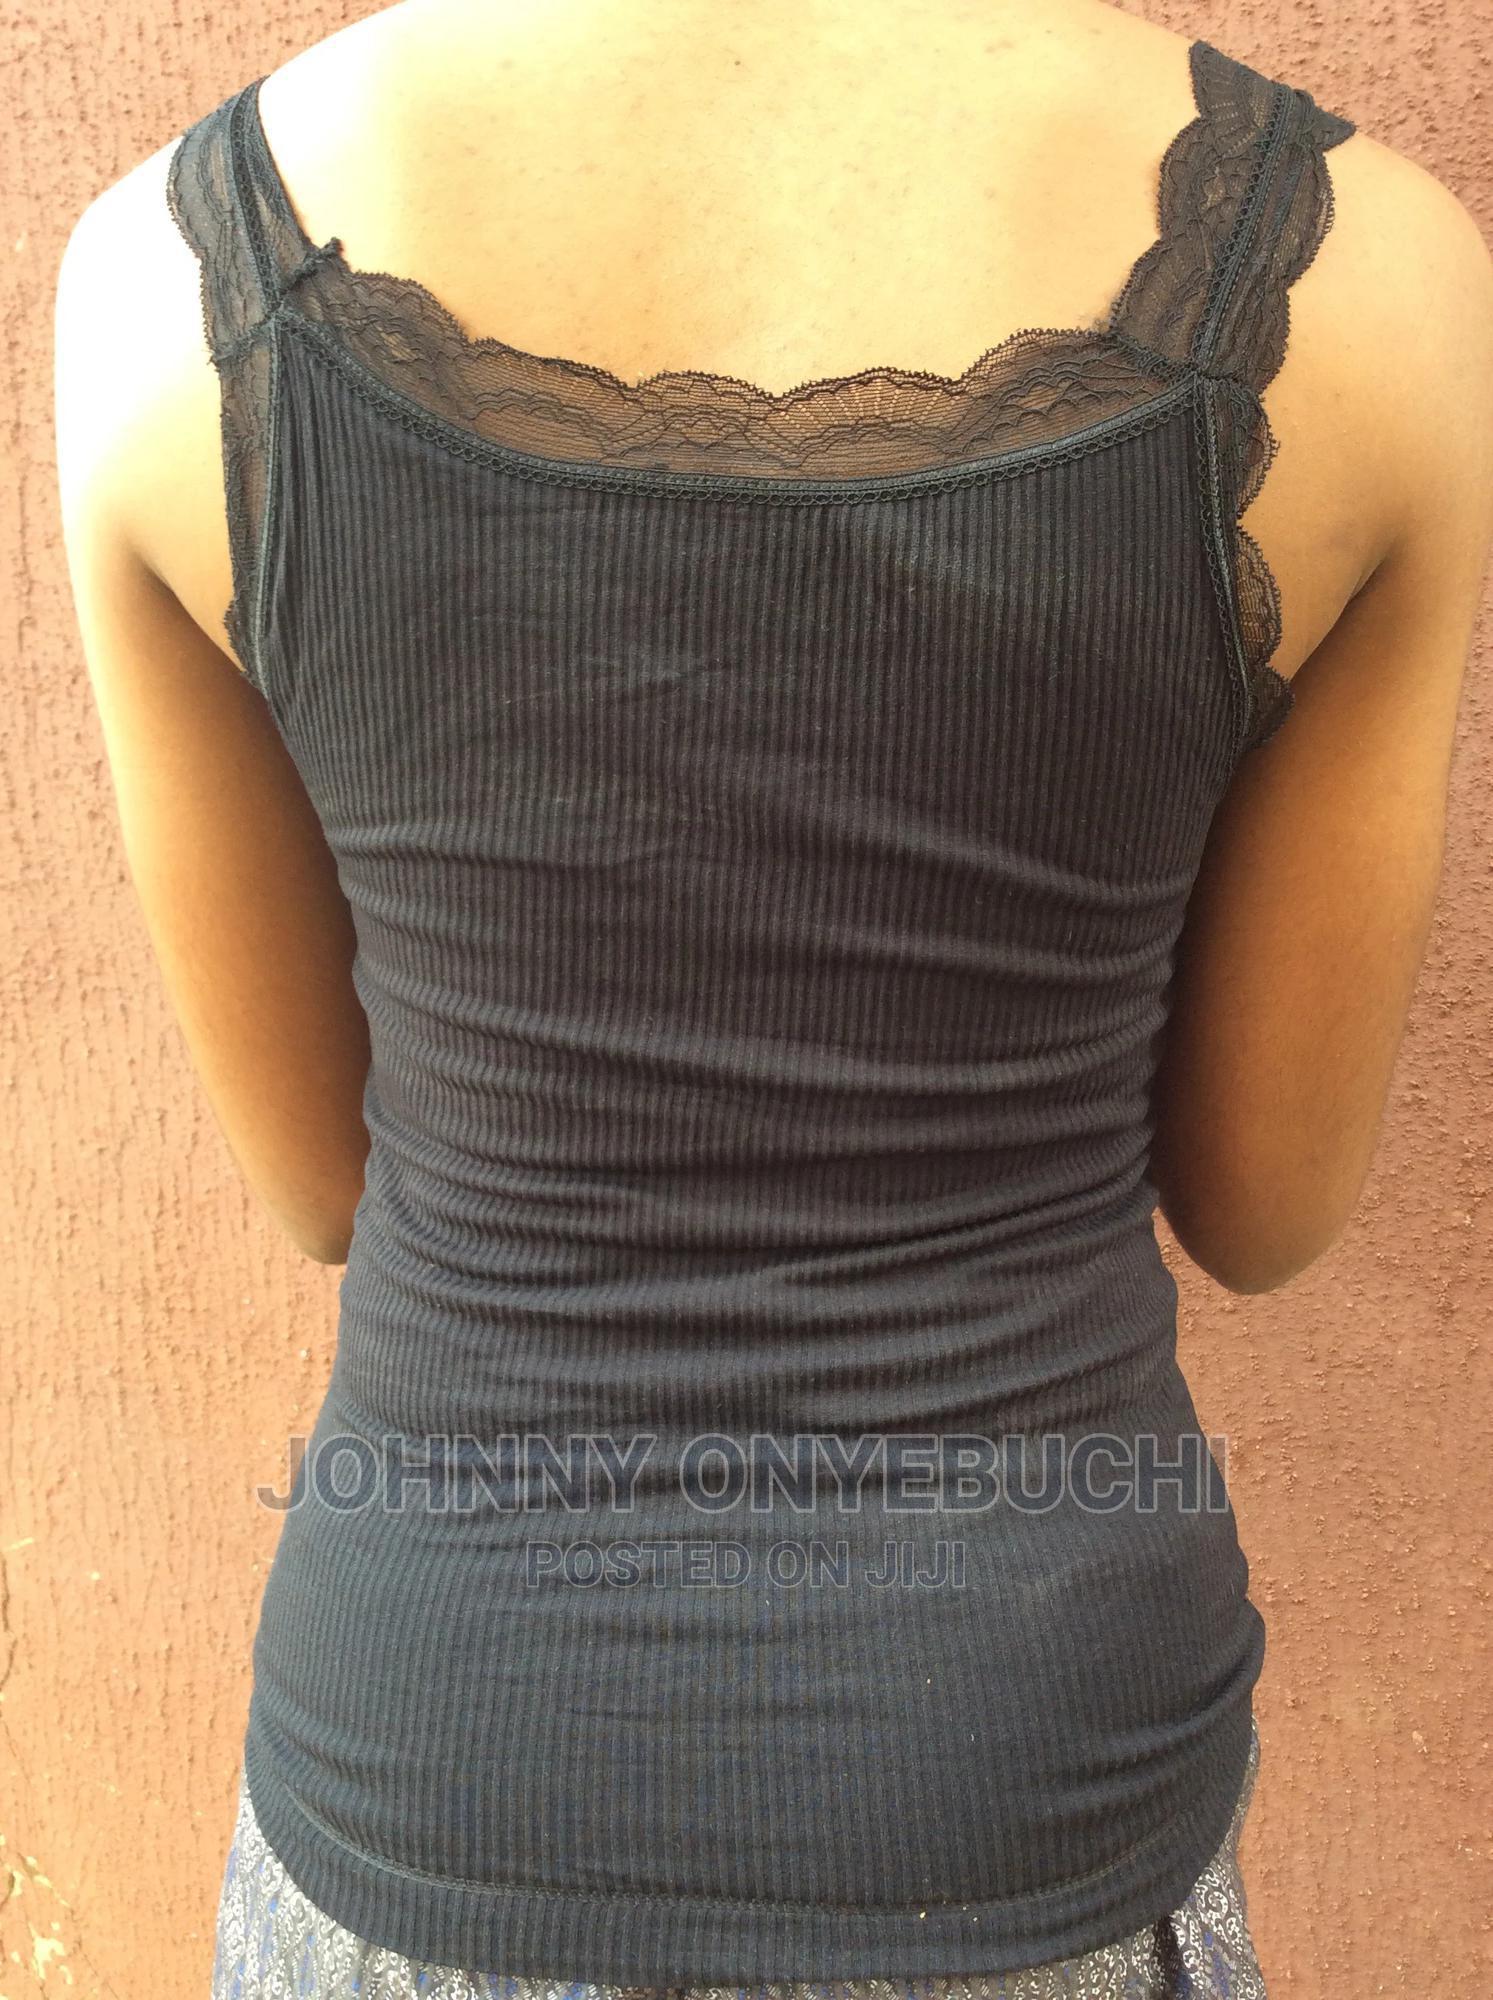 Archive: High Quality Women V-Neck Built in Bra Long Tops Vest